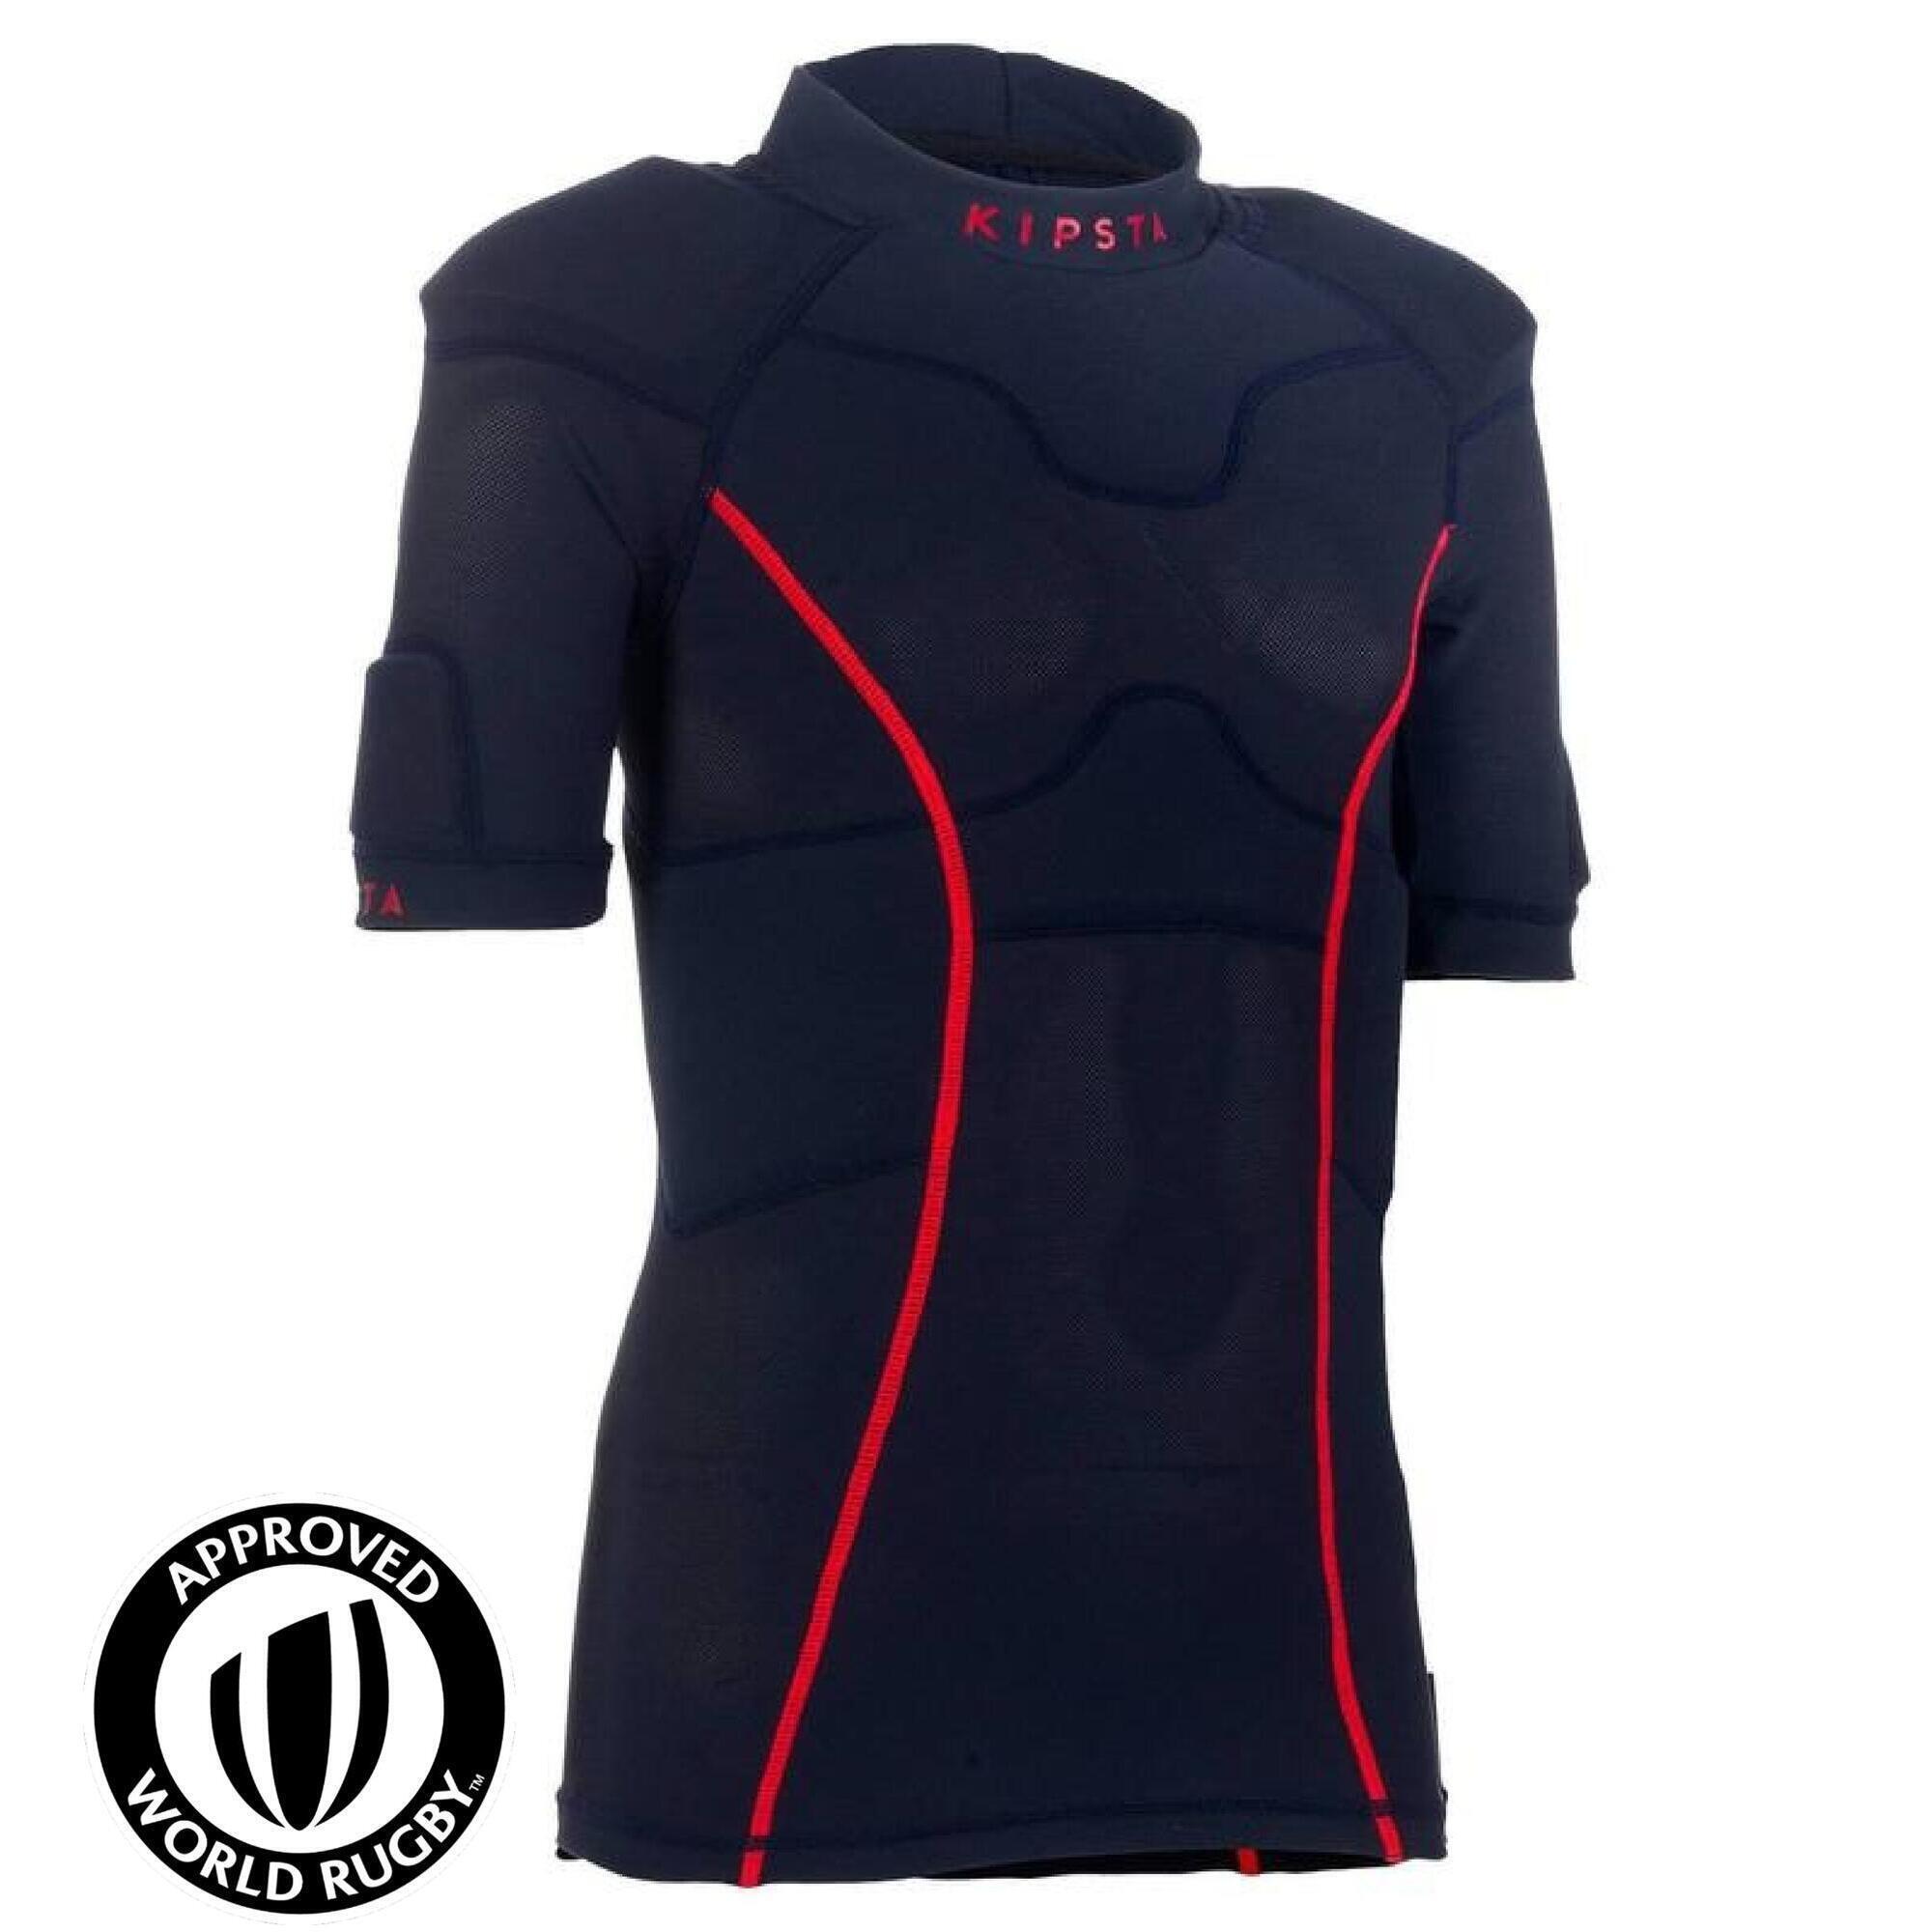 Kipsta Rugby schouderstuk voor kinderen Full H 100 marineblauw/rood